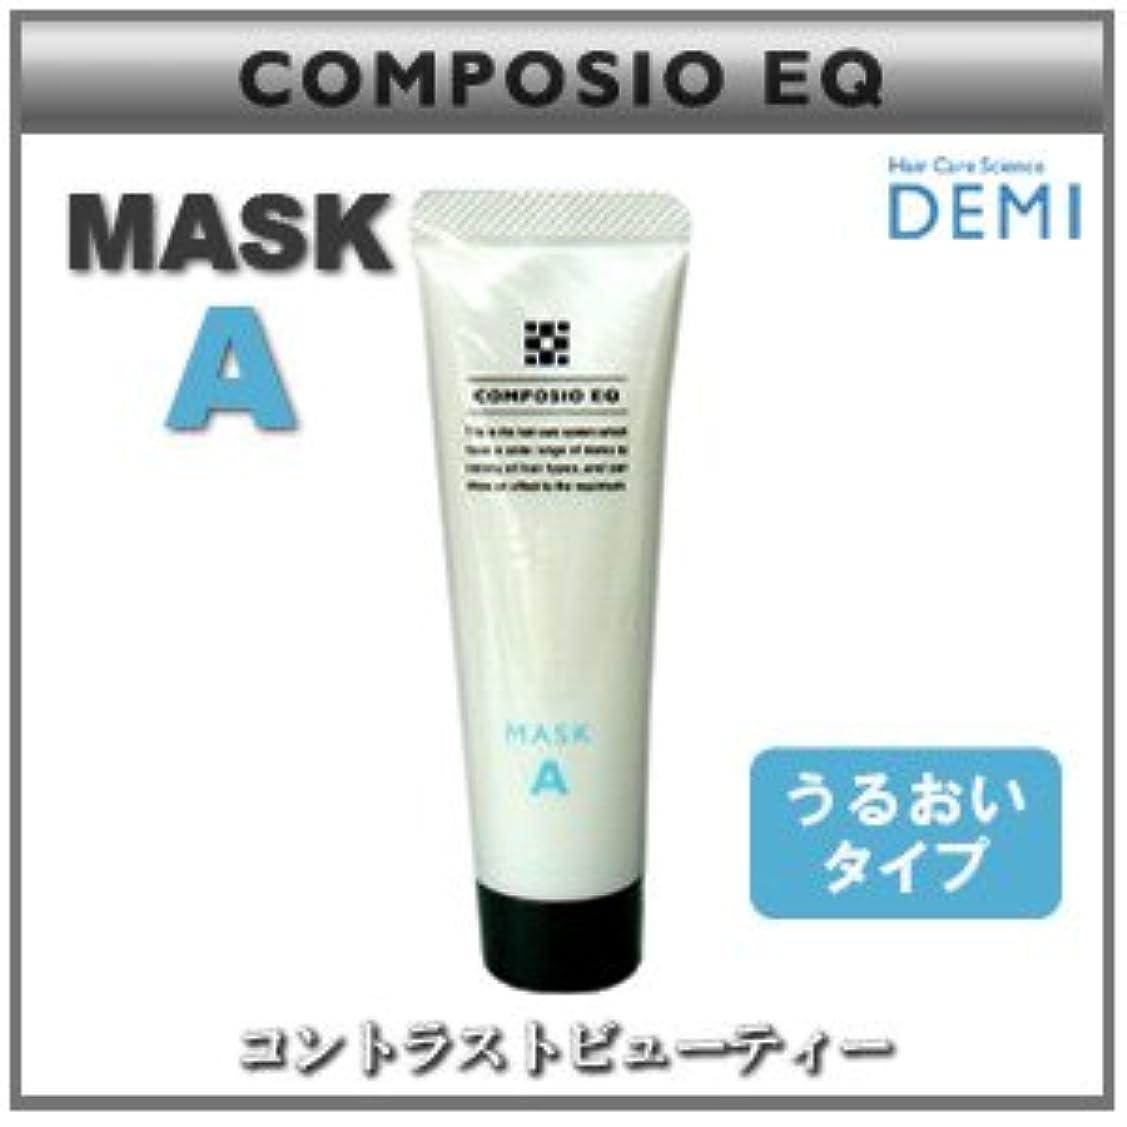 用心するアイデア報告書【X5個セット】 デミ コンポジオ EQ マスク A 50g